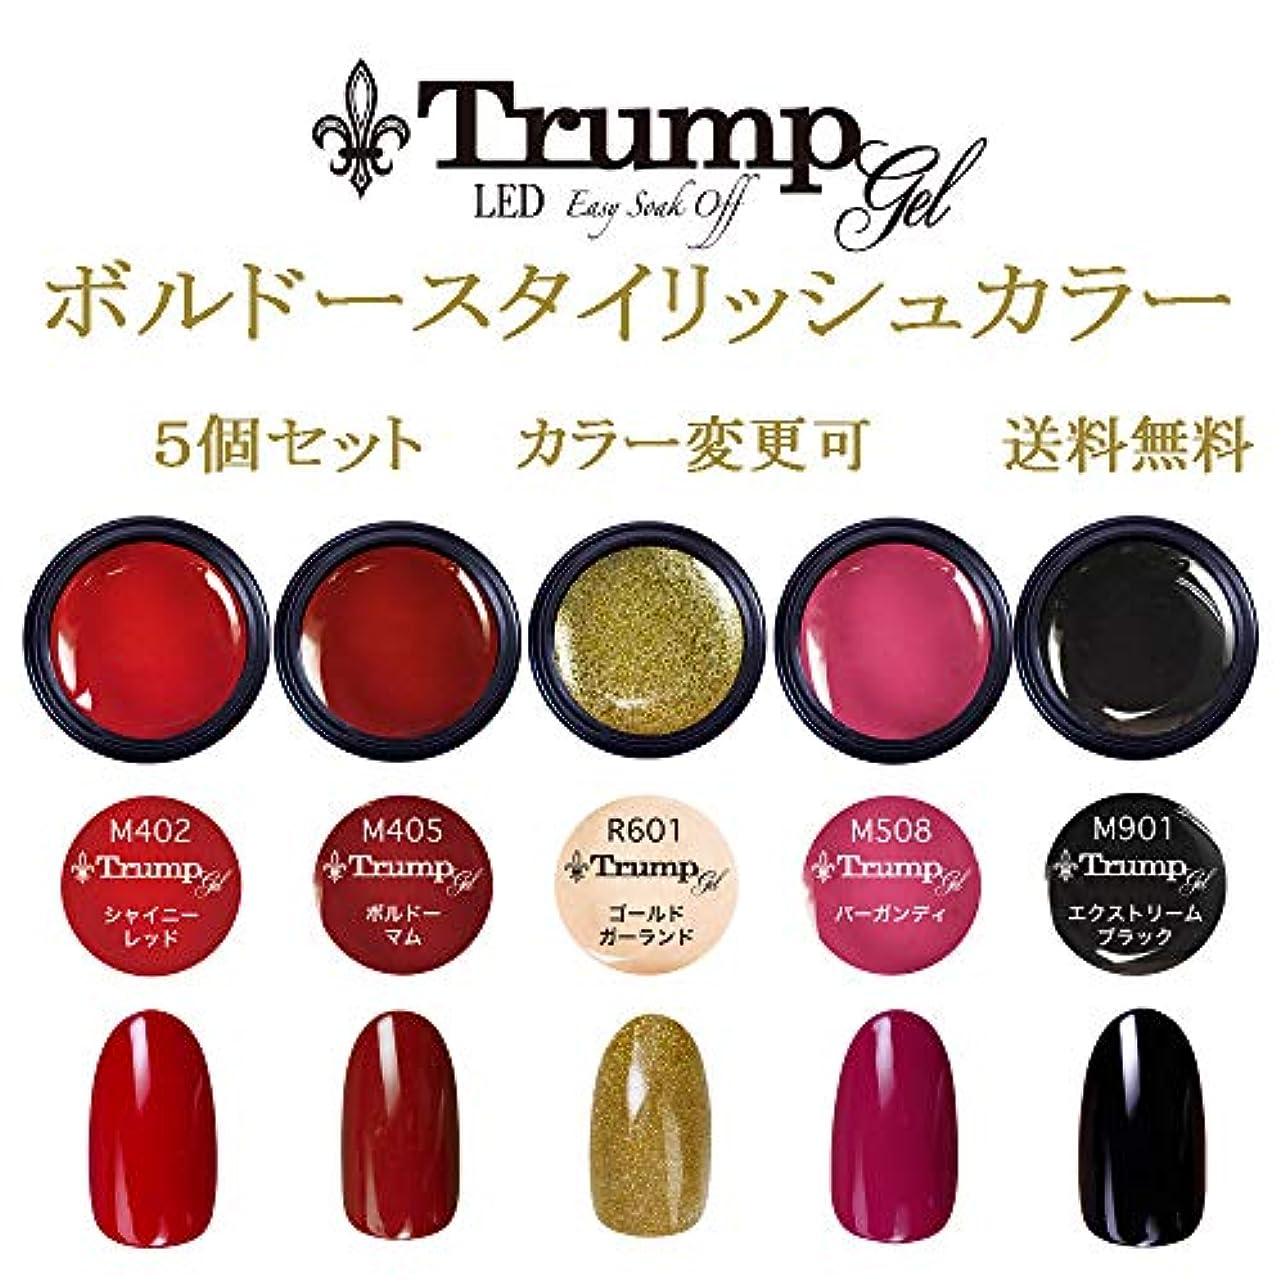 見えない土地神秘【送料無料】日本製 Trump gel ボルドースタイリッシュカラージェル5個セット ボルドーカラー スタイリッシュ クリスマス カラー